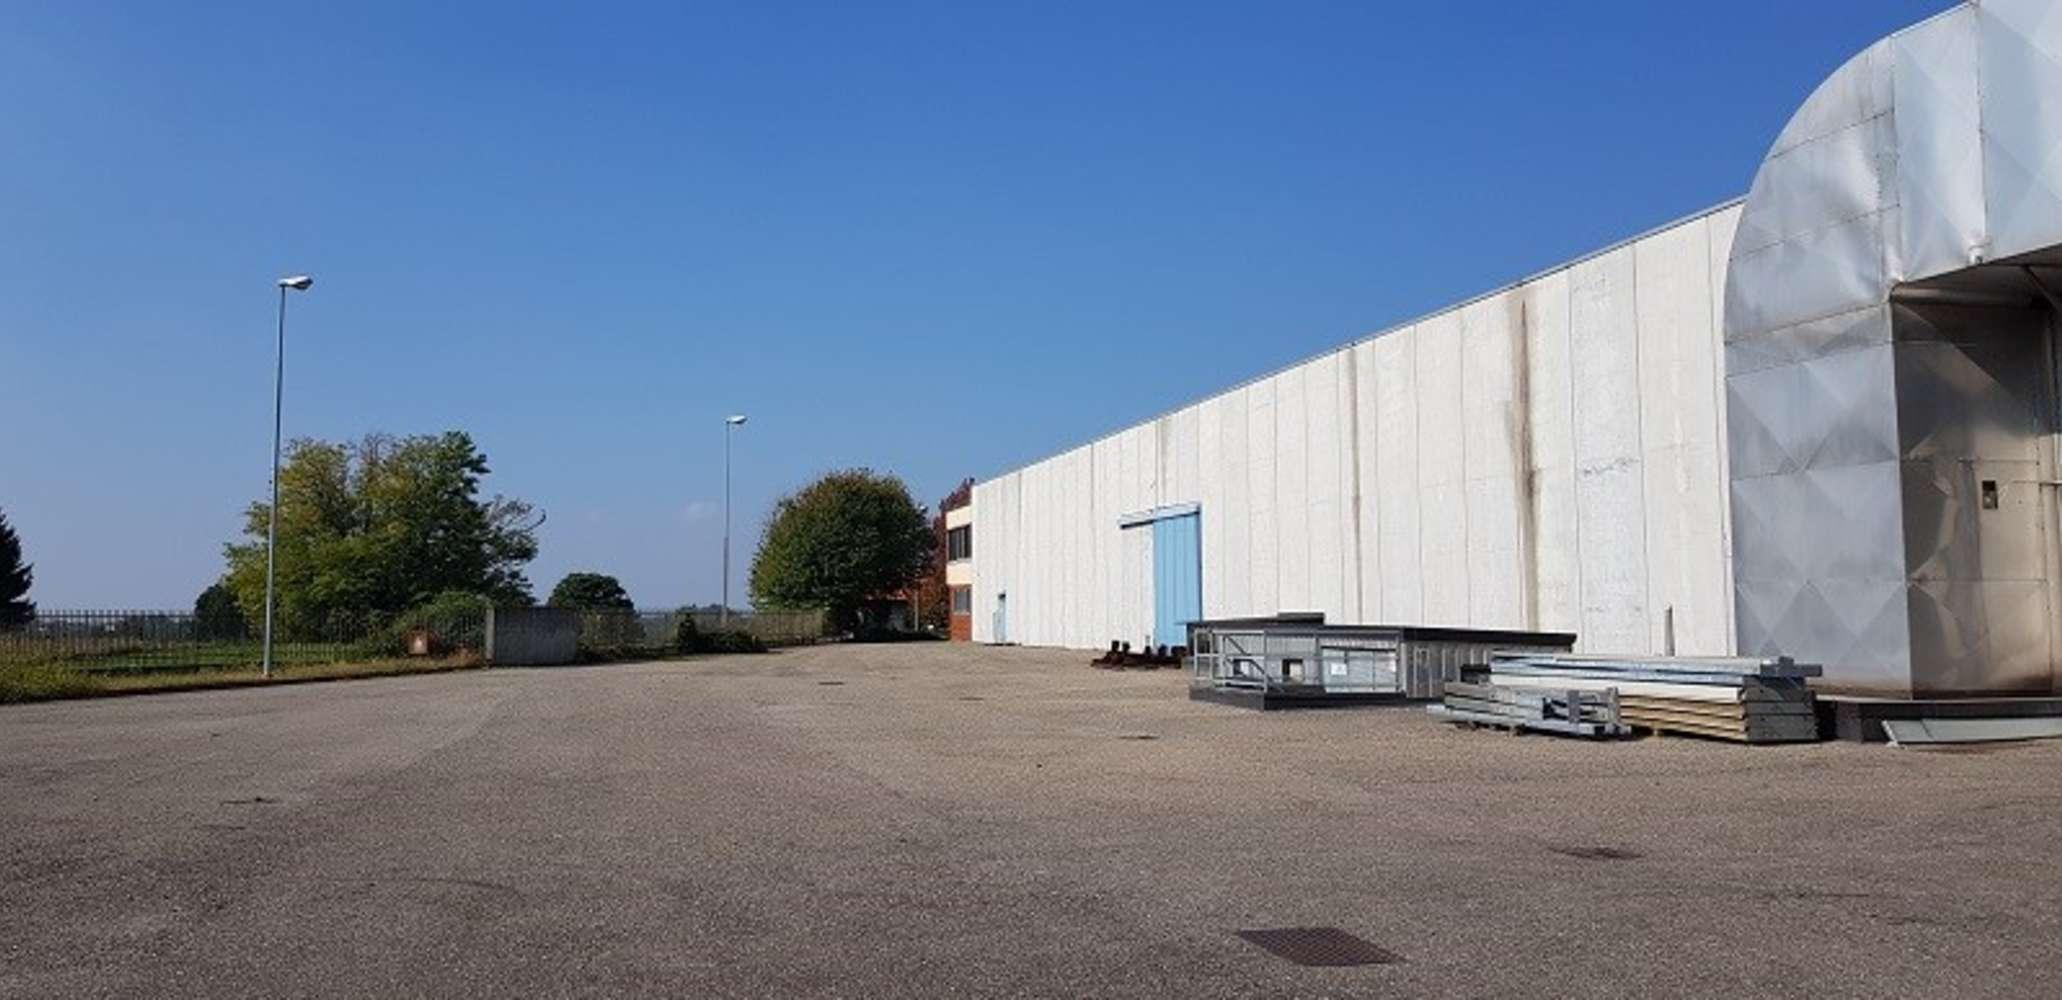 Magazzini industriali e logistici Capiago intimiano, 22070 - Capiago Intimiano